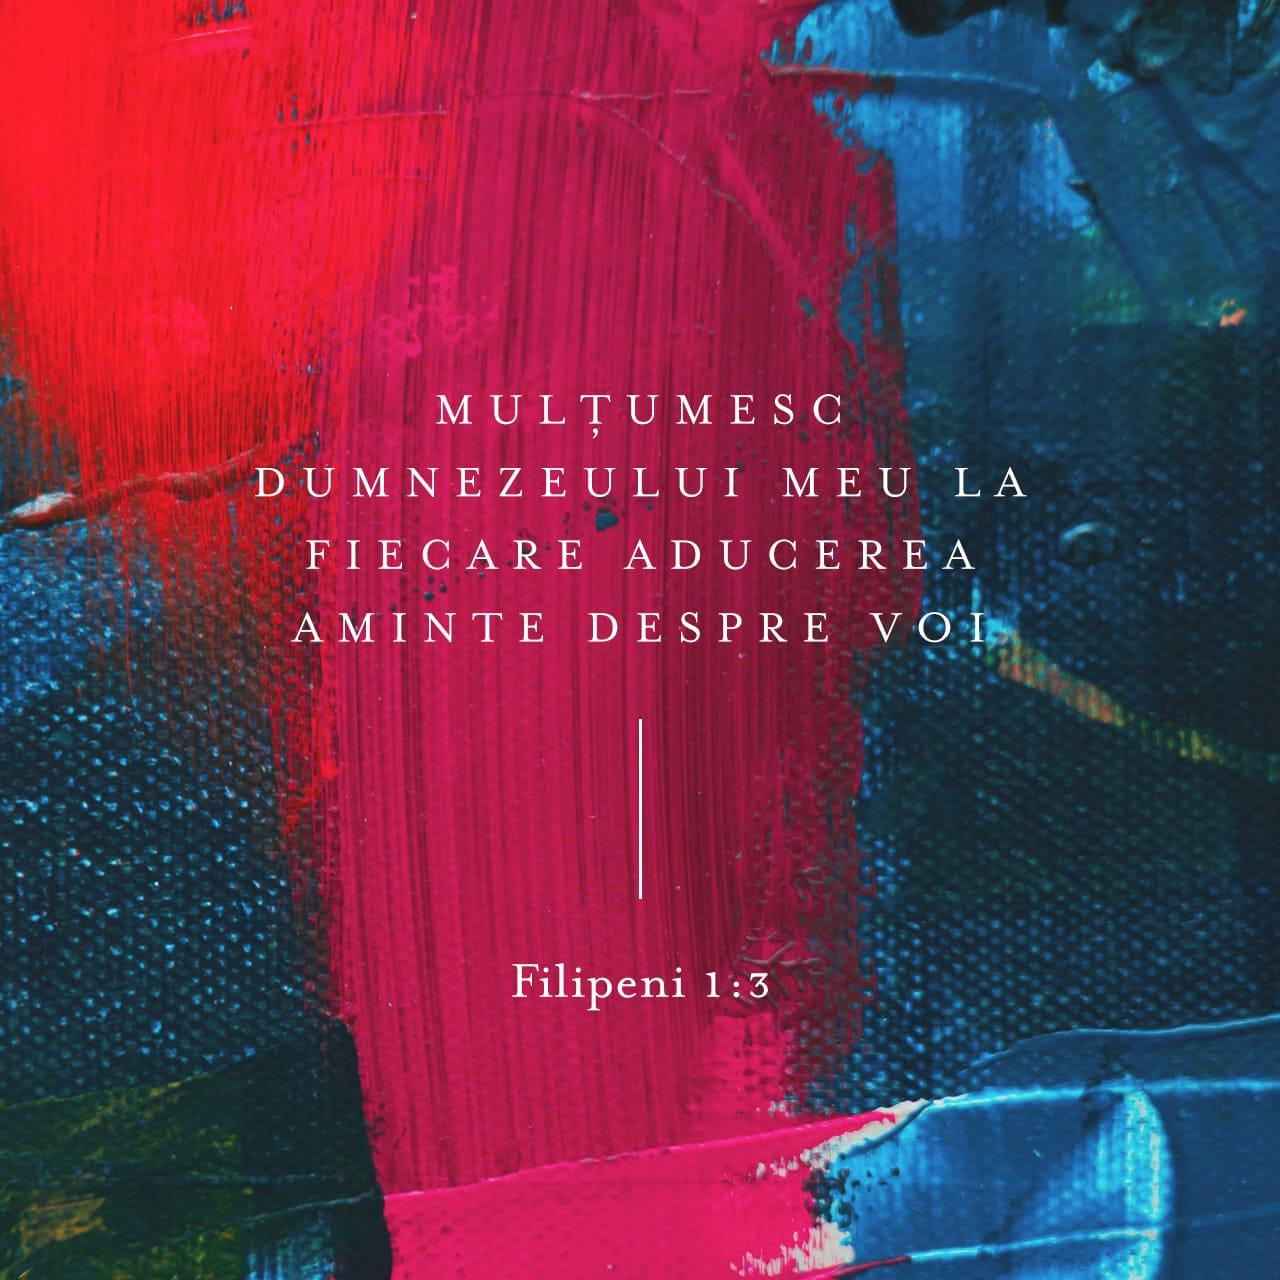 Îi mulțumesc Dumnezeului meu în fiecare aducere-aminte cu privire la voi. - Filipeni 1:3 - Verset ilustrat